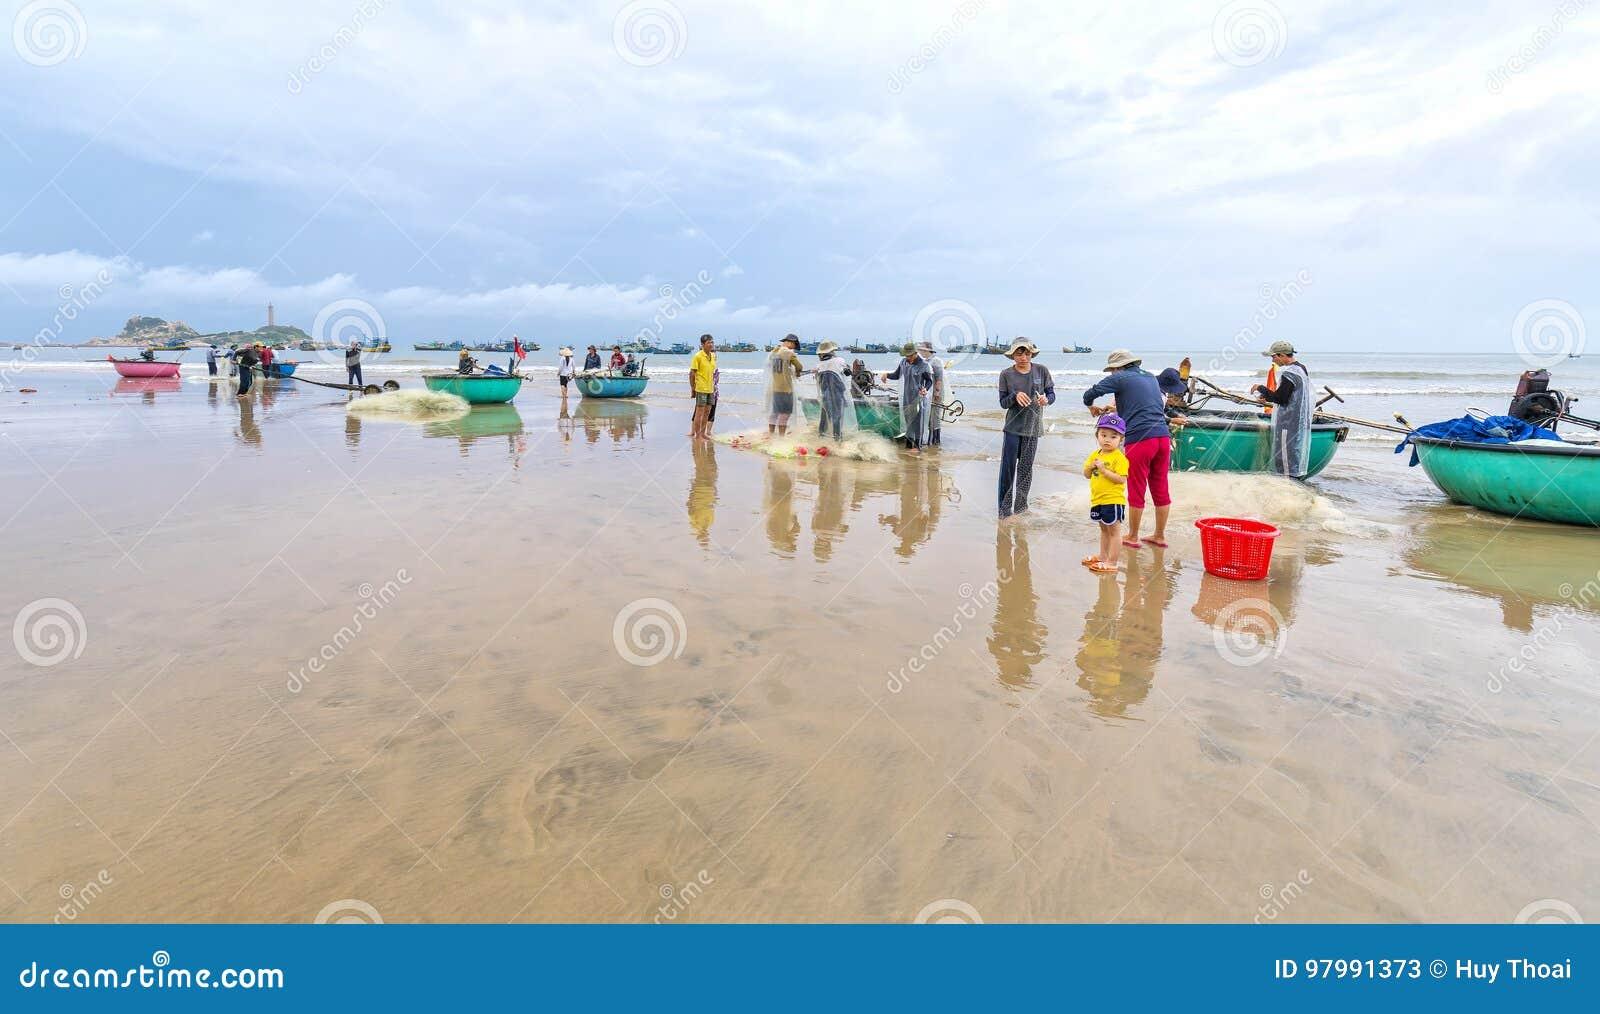 Fishermen are doing work ominous fishing nets